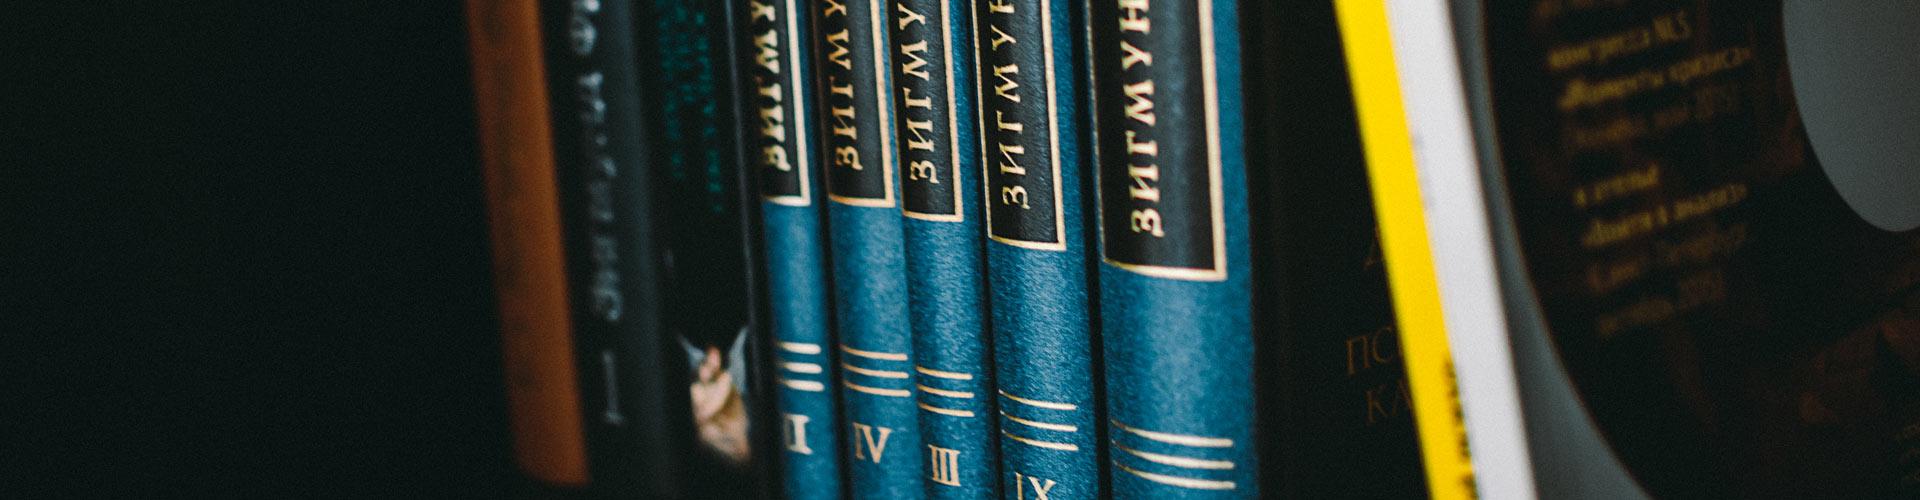 Книги по психоанализу